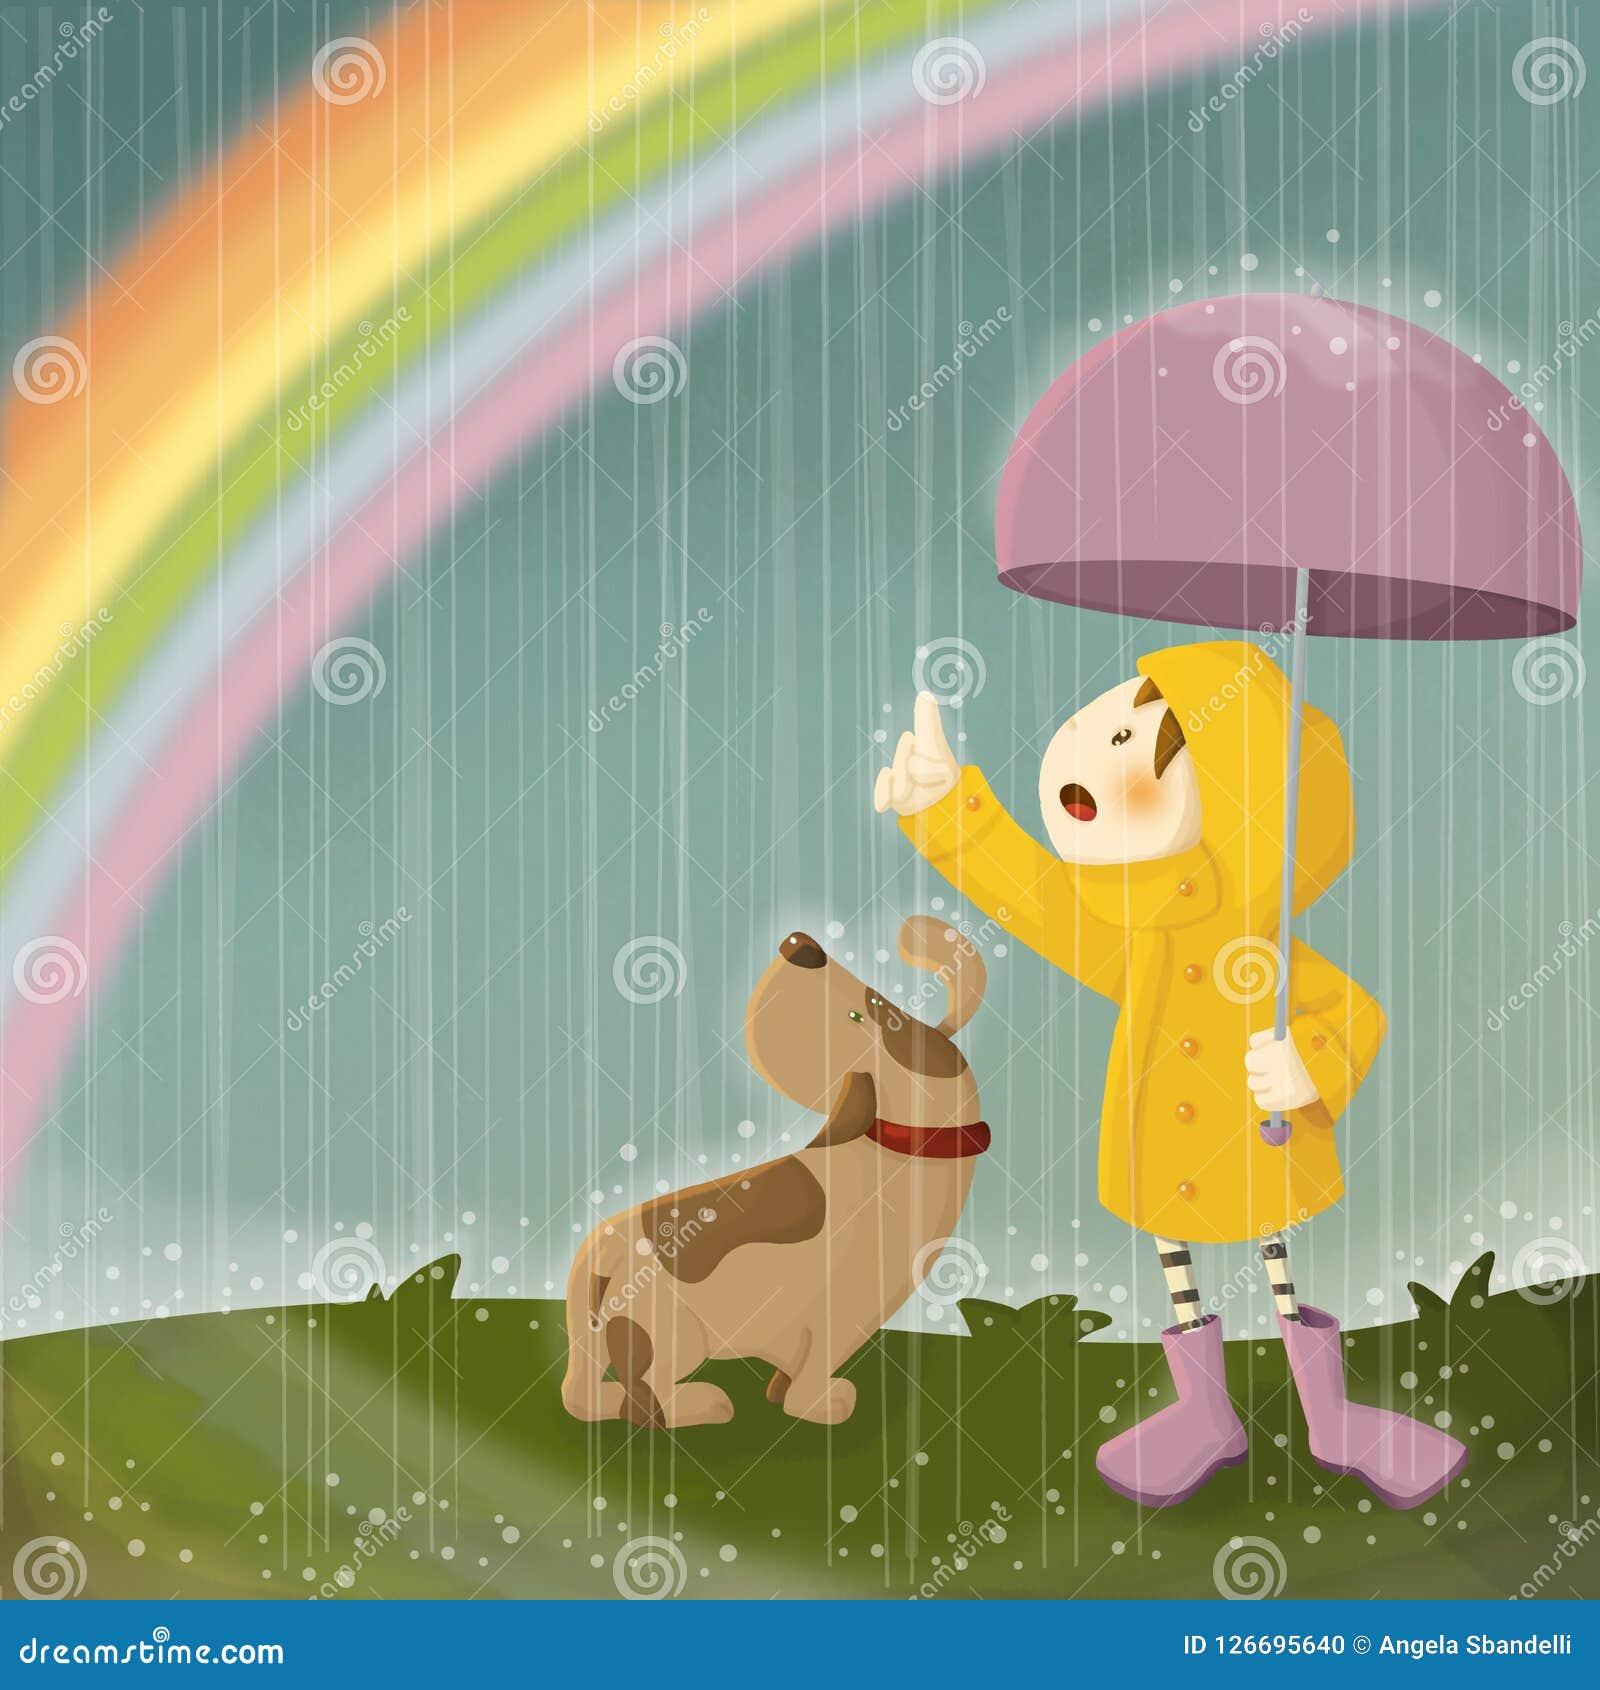 Lluvias y arco iris